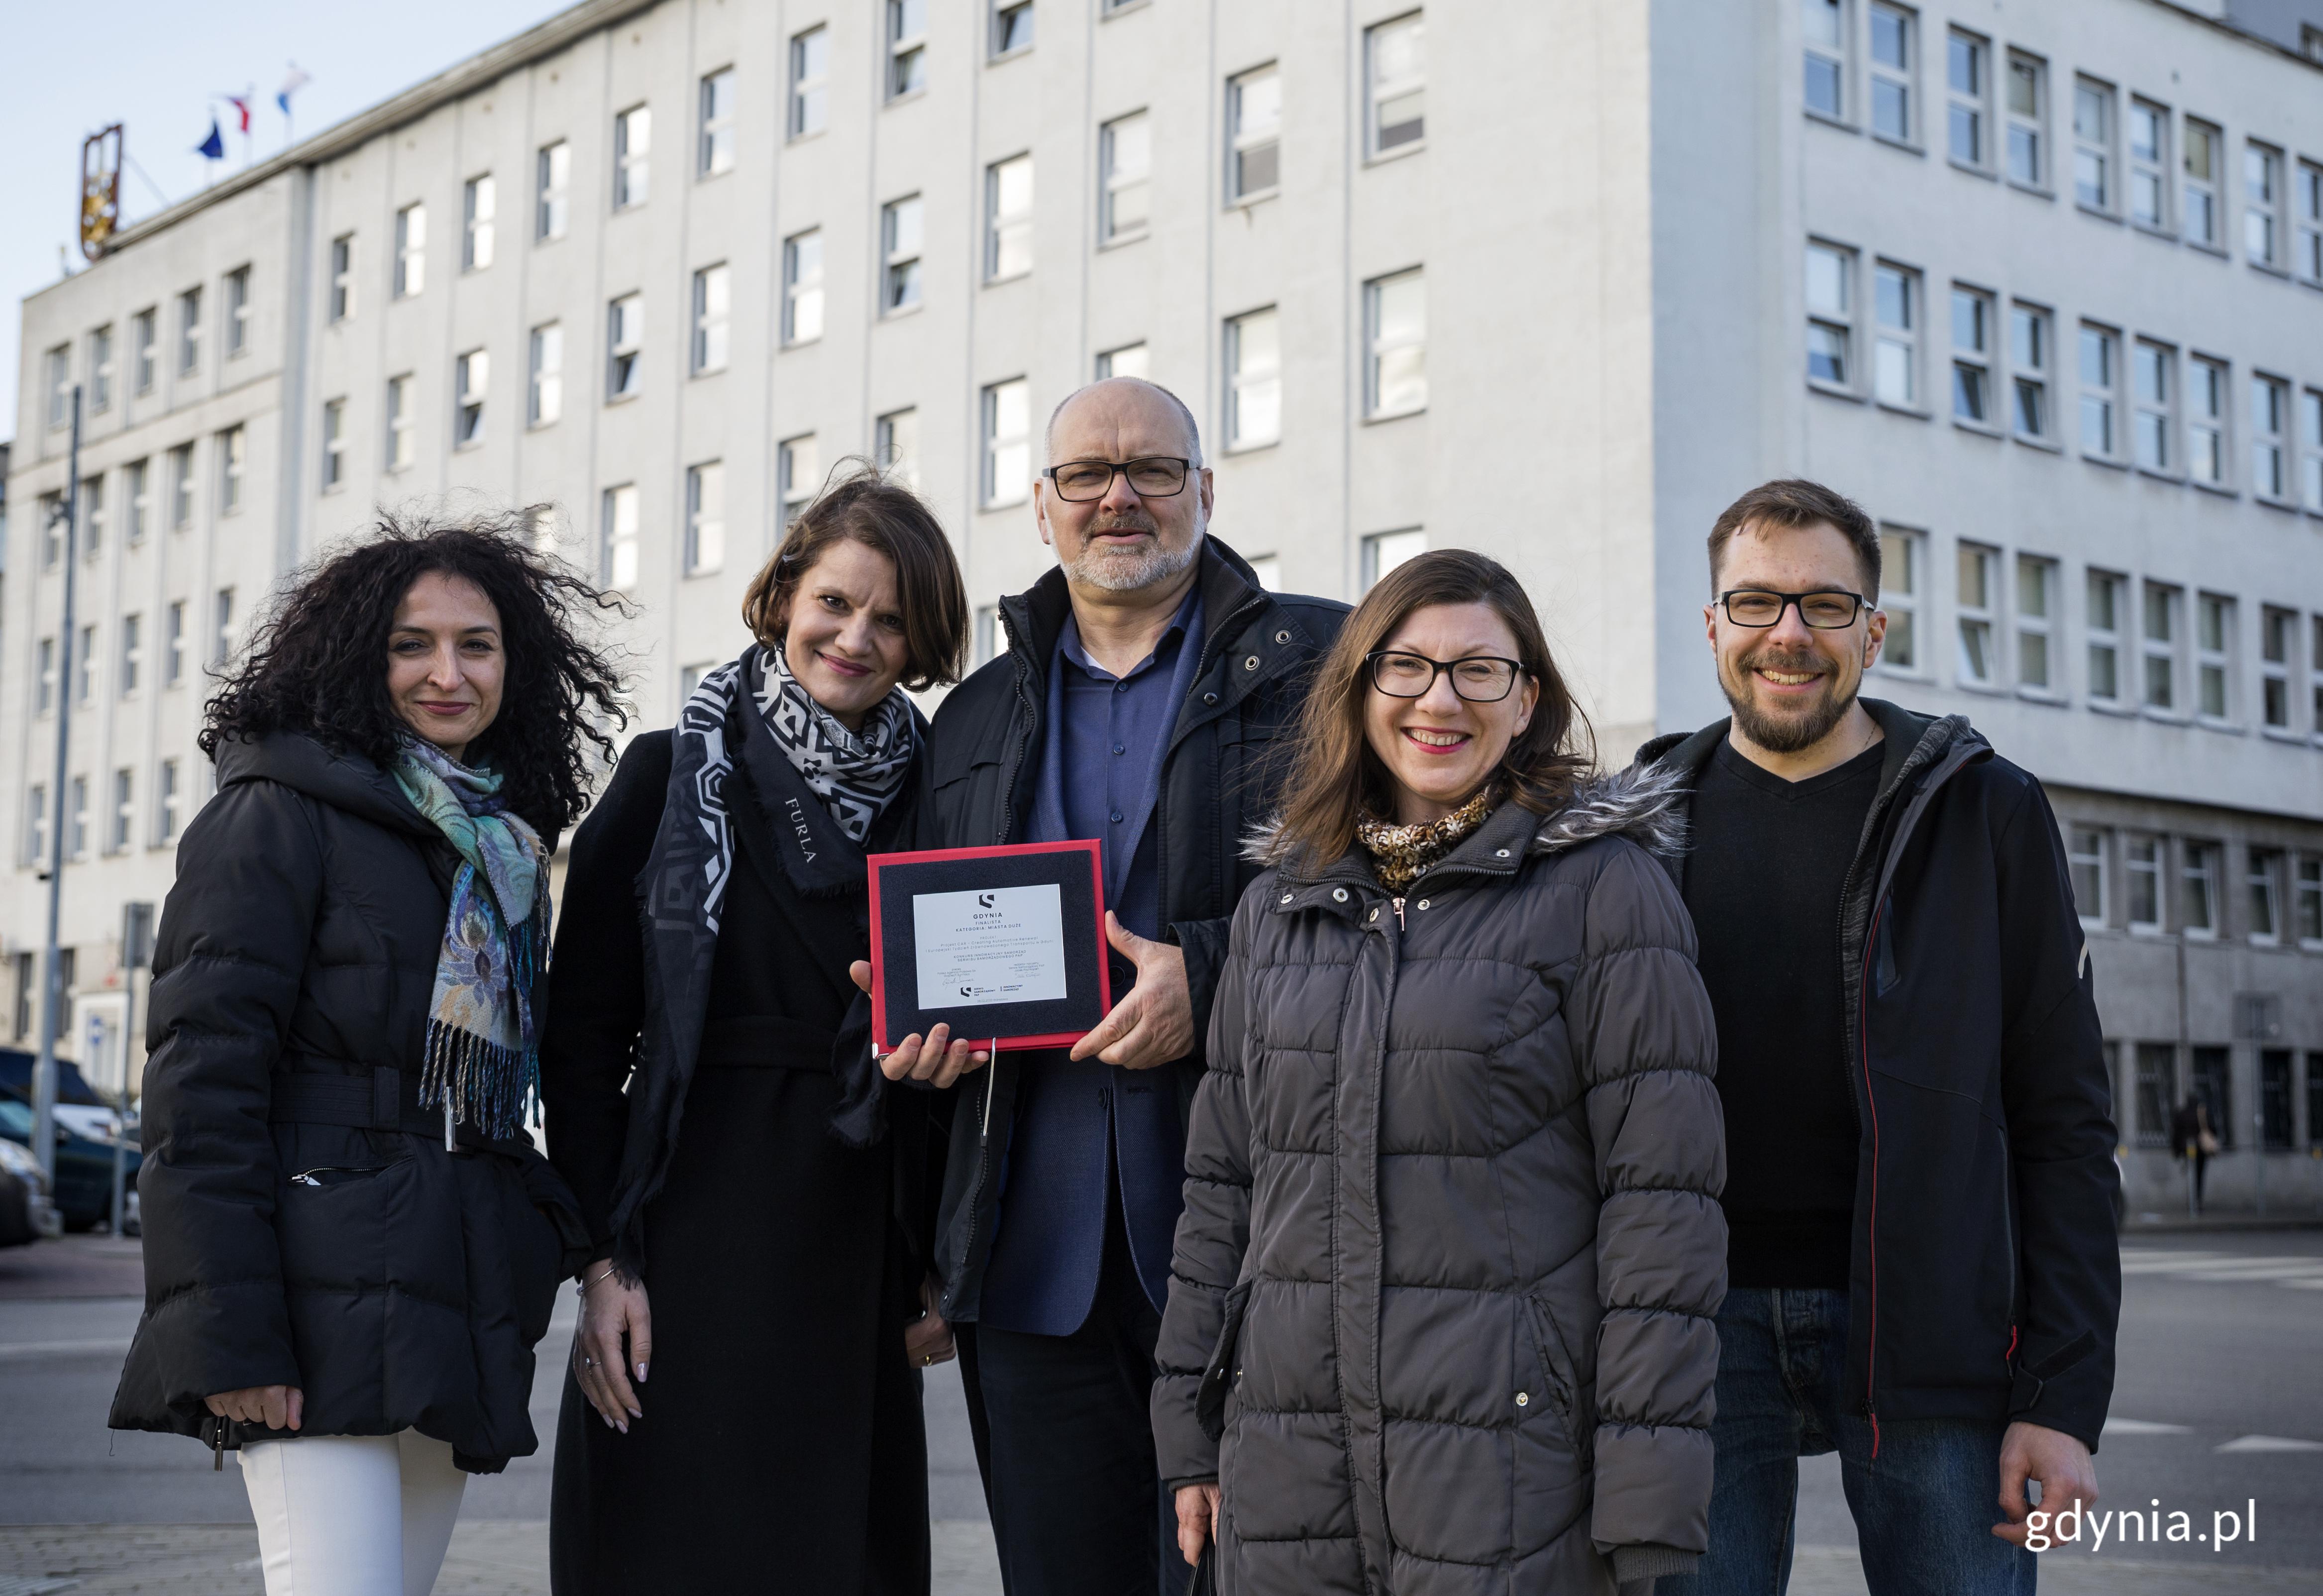 Creating Automotive Renewal i Europejski Tydzień Zrównoważonego Transportu. fot. Przemysław Kozłowski